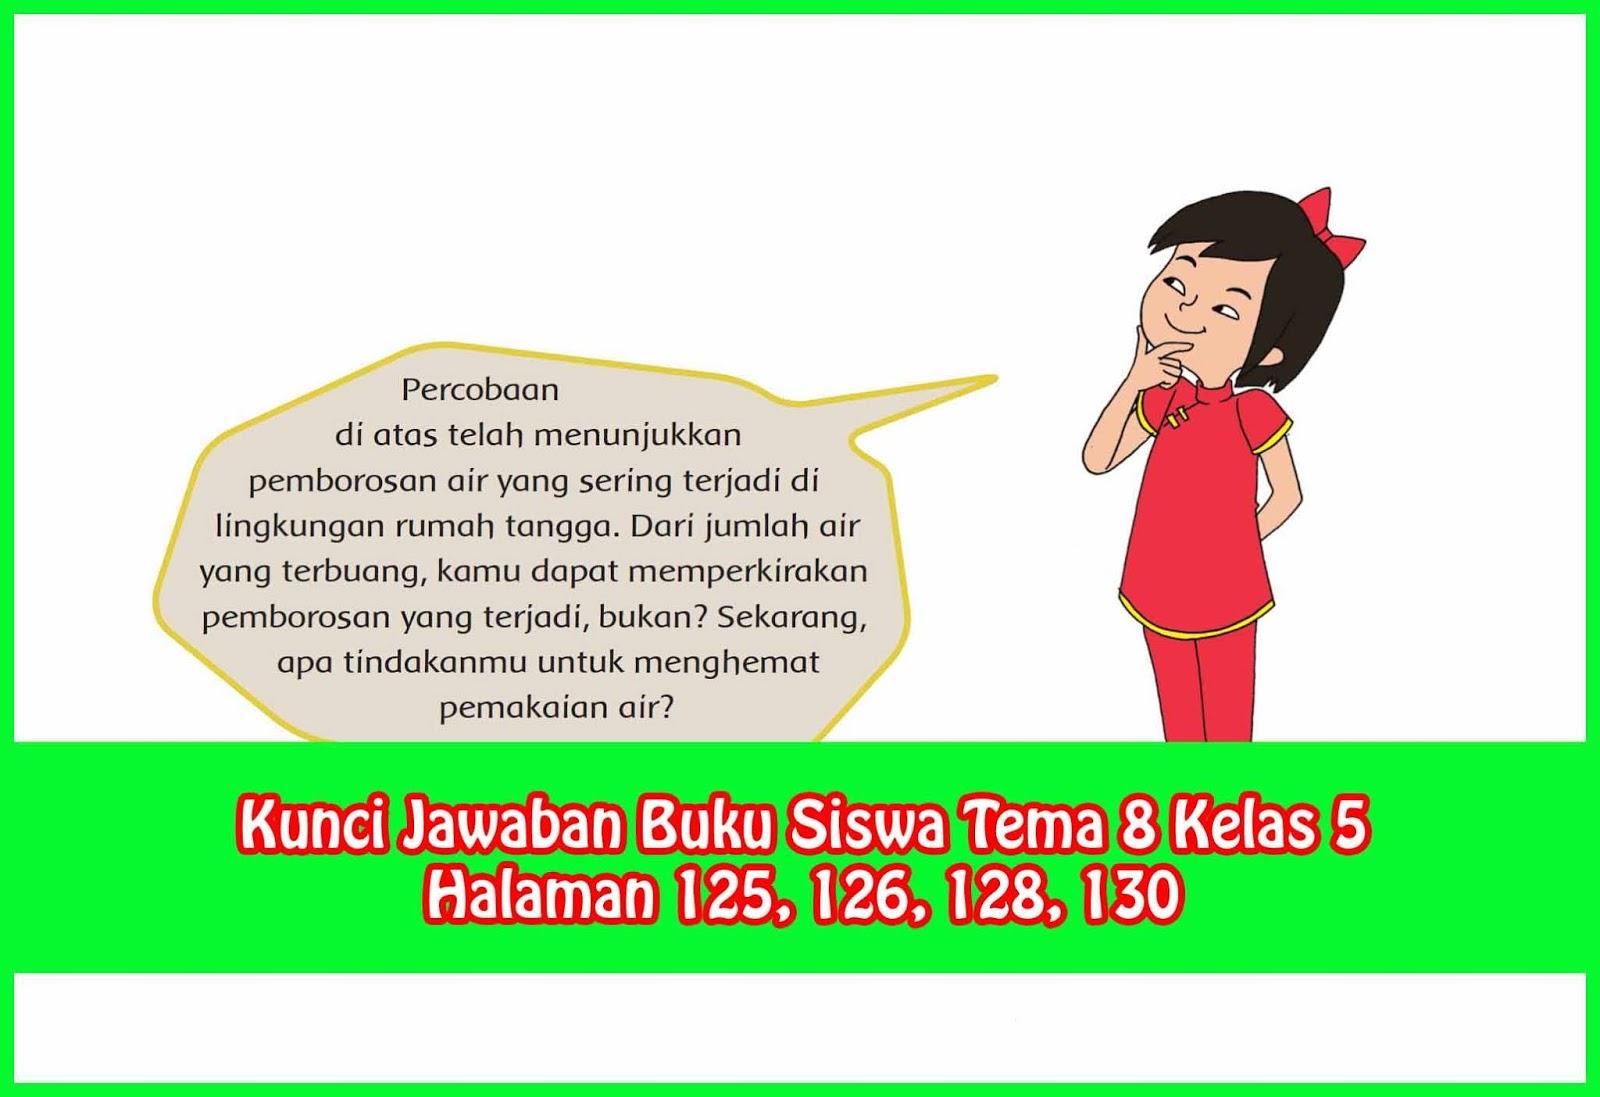 Jawaban Buku Paket Bahasa Jawa Kelas 8 Halaman 5